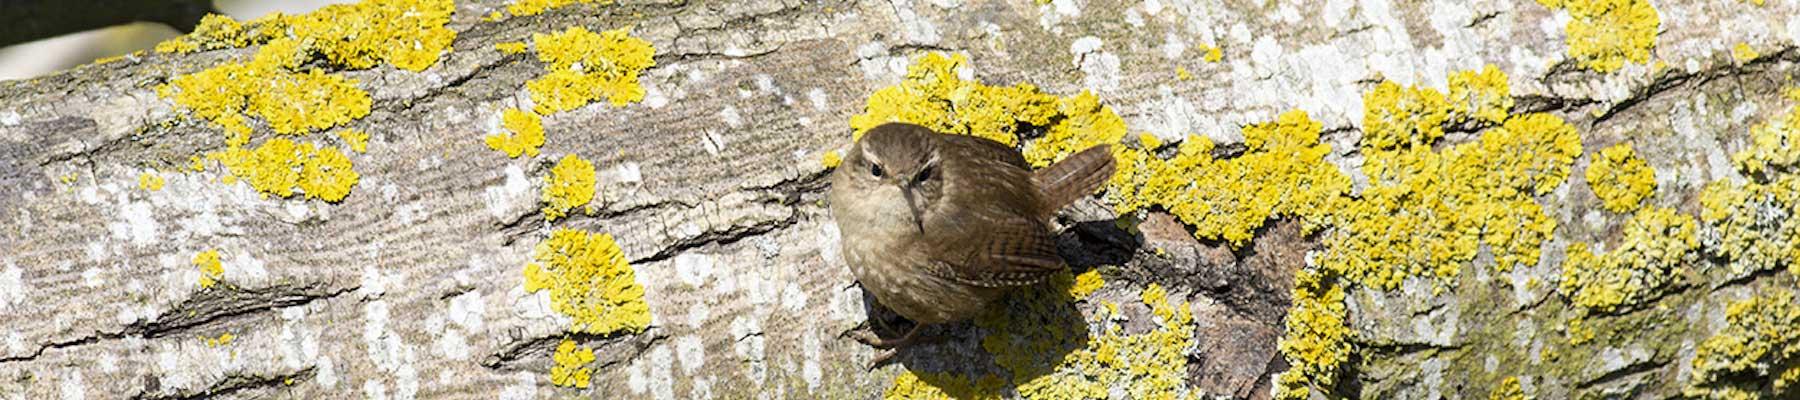 Birding For All